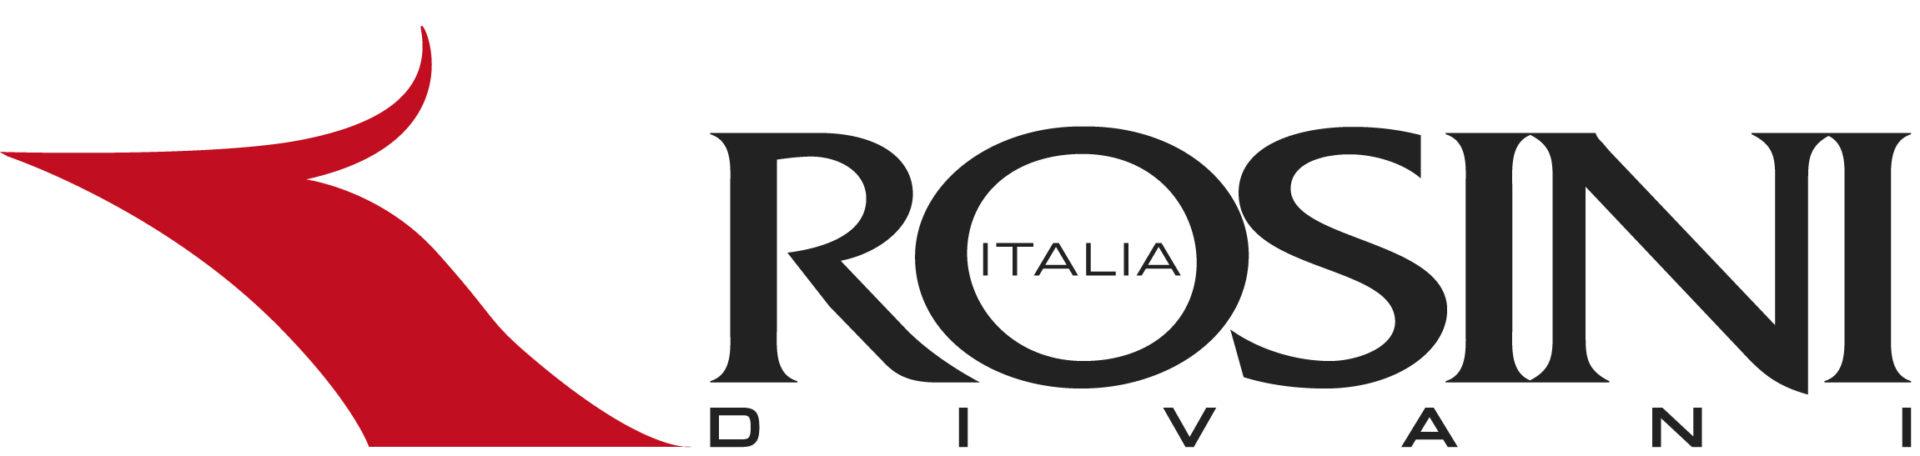 Rosini-logo